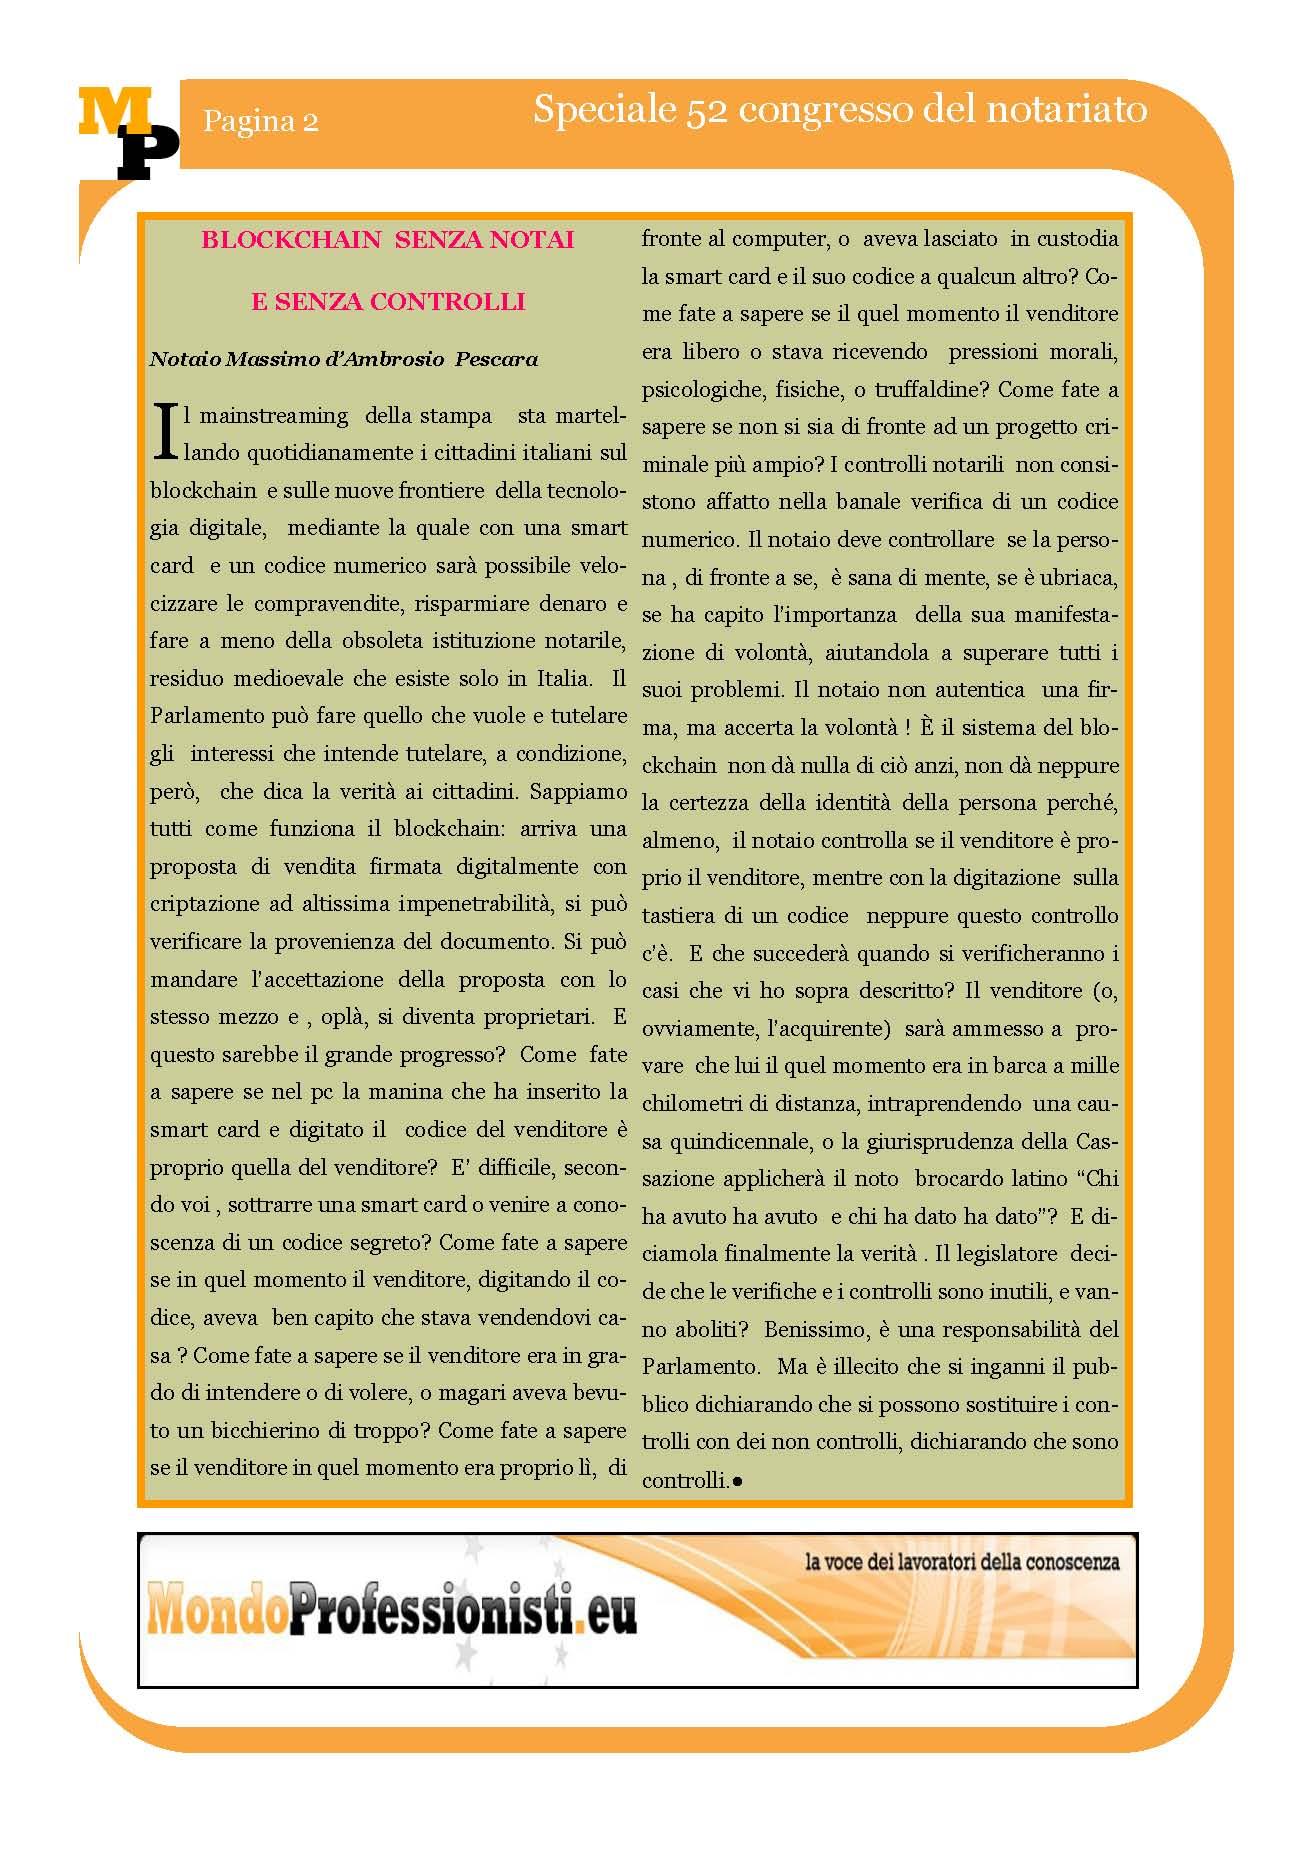 Blockchain criptovalute e commento del notaio Massimo d'Ambrosio